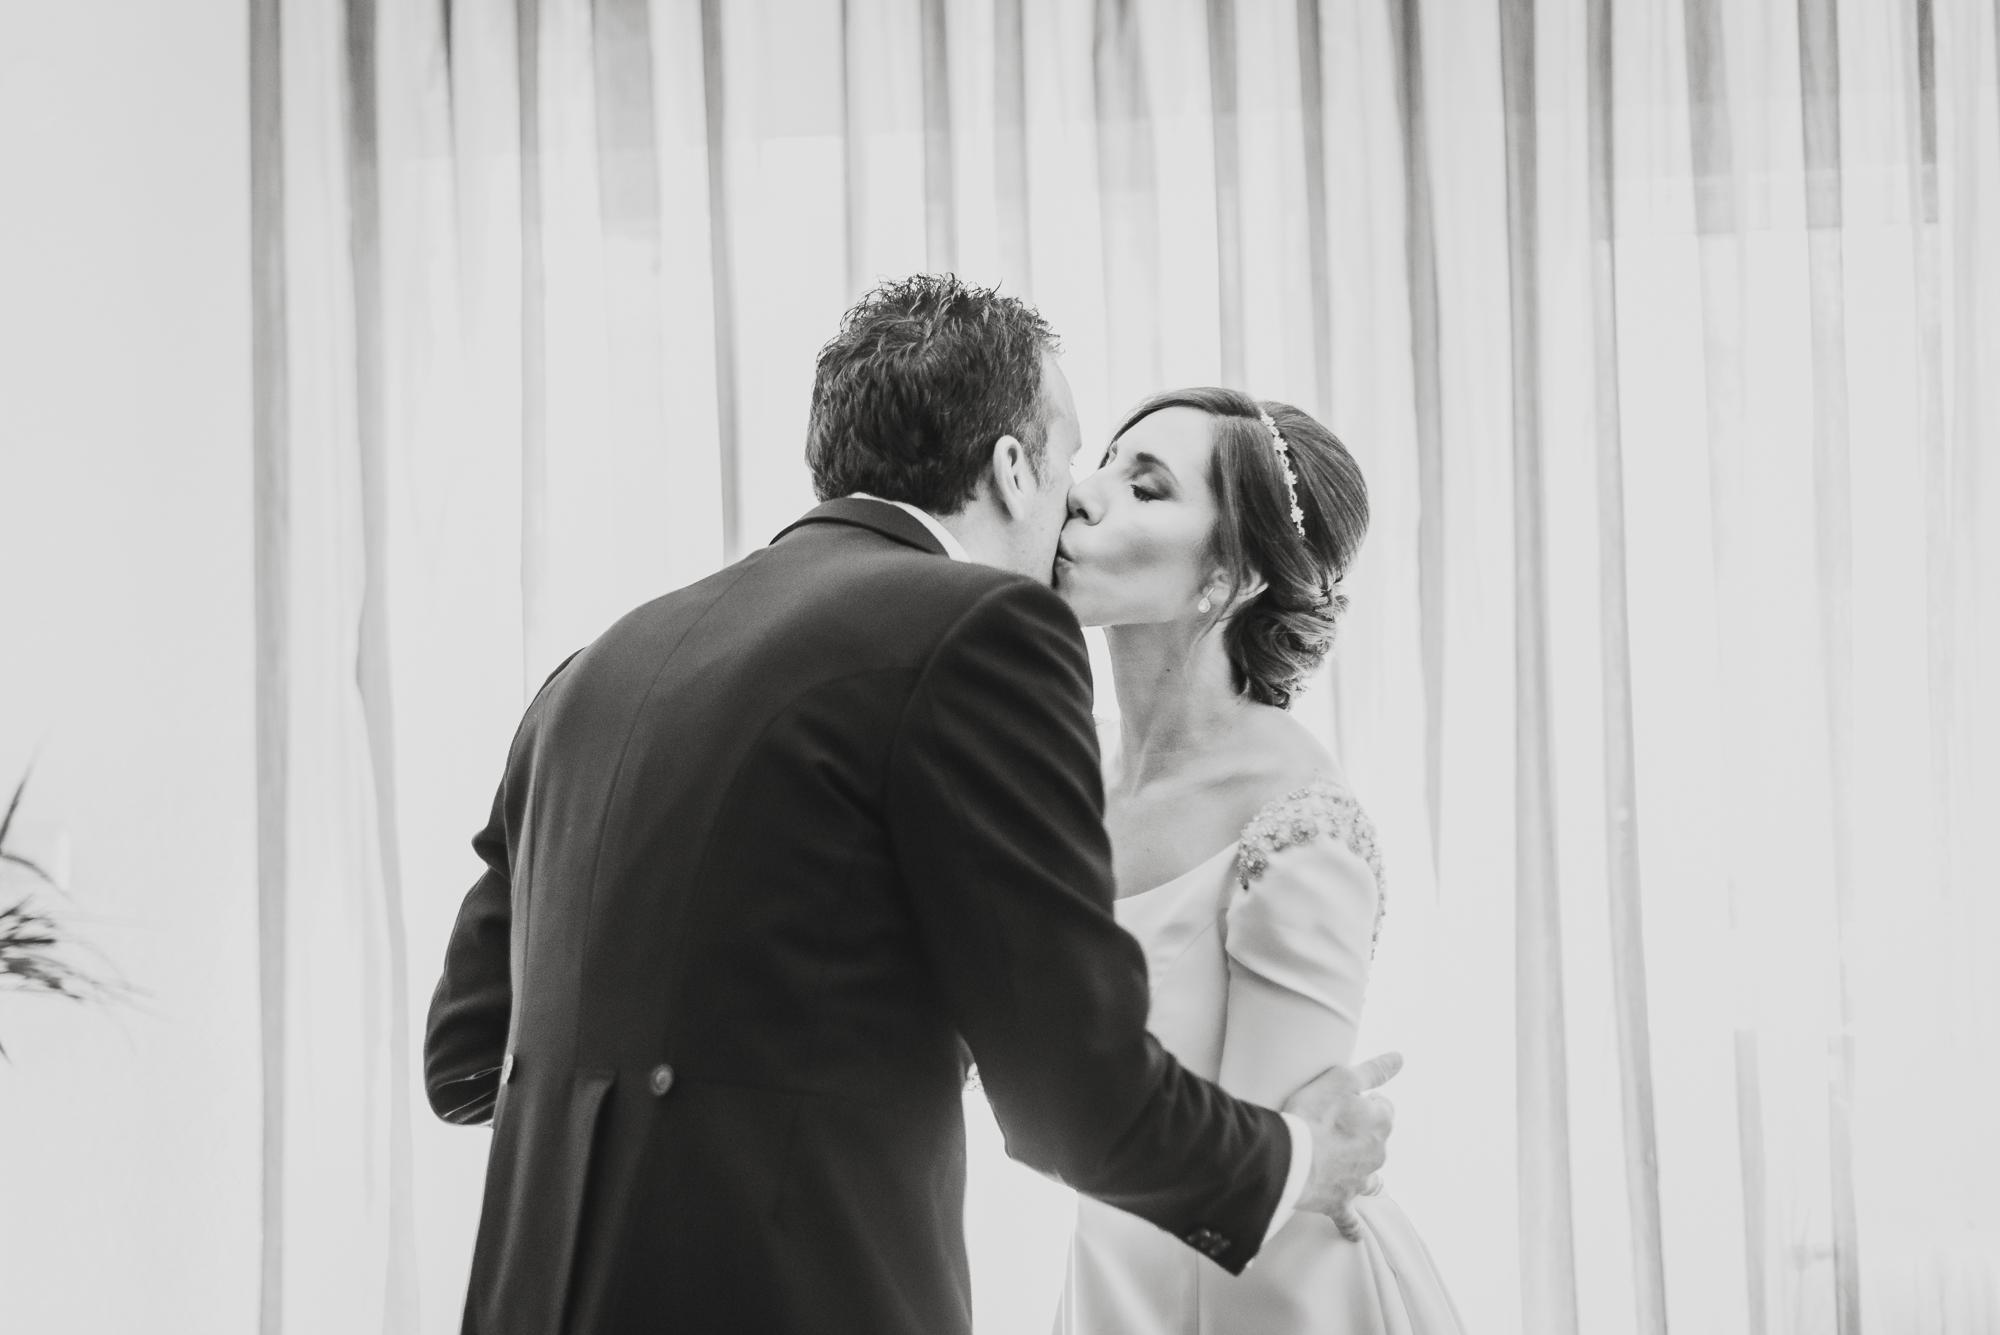 garate-fotografia-de-boda-en-Granada (22)